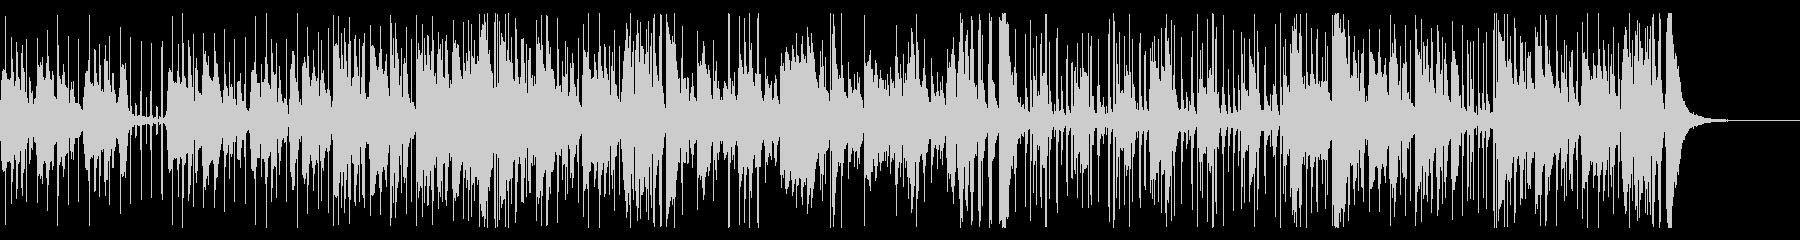 コントラバス、ジャズピアノ、ジャズドラムの未再生の波形